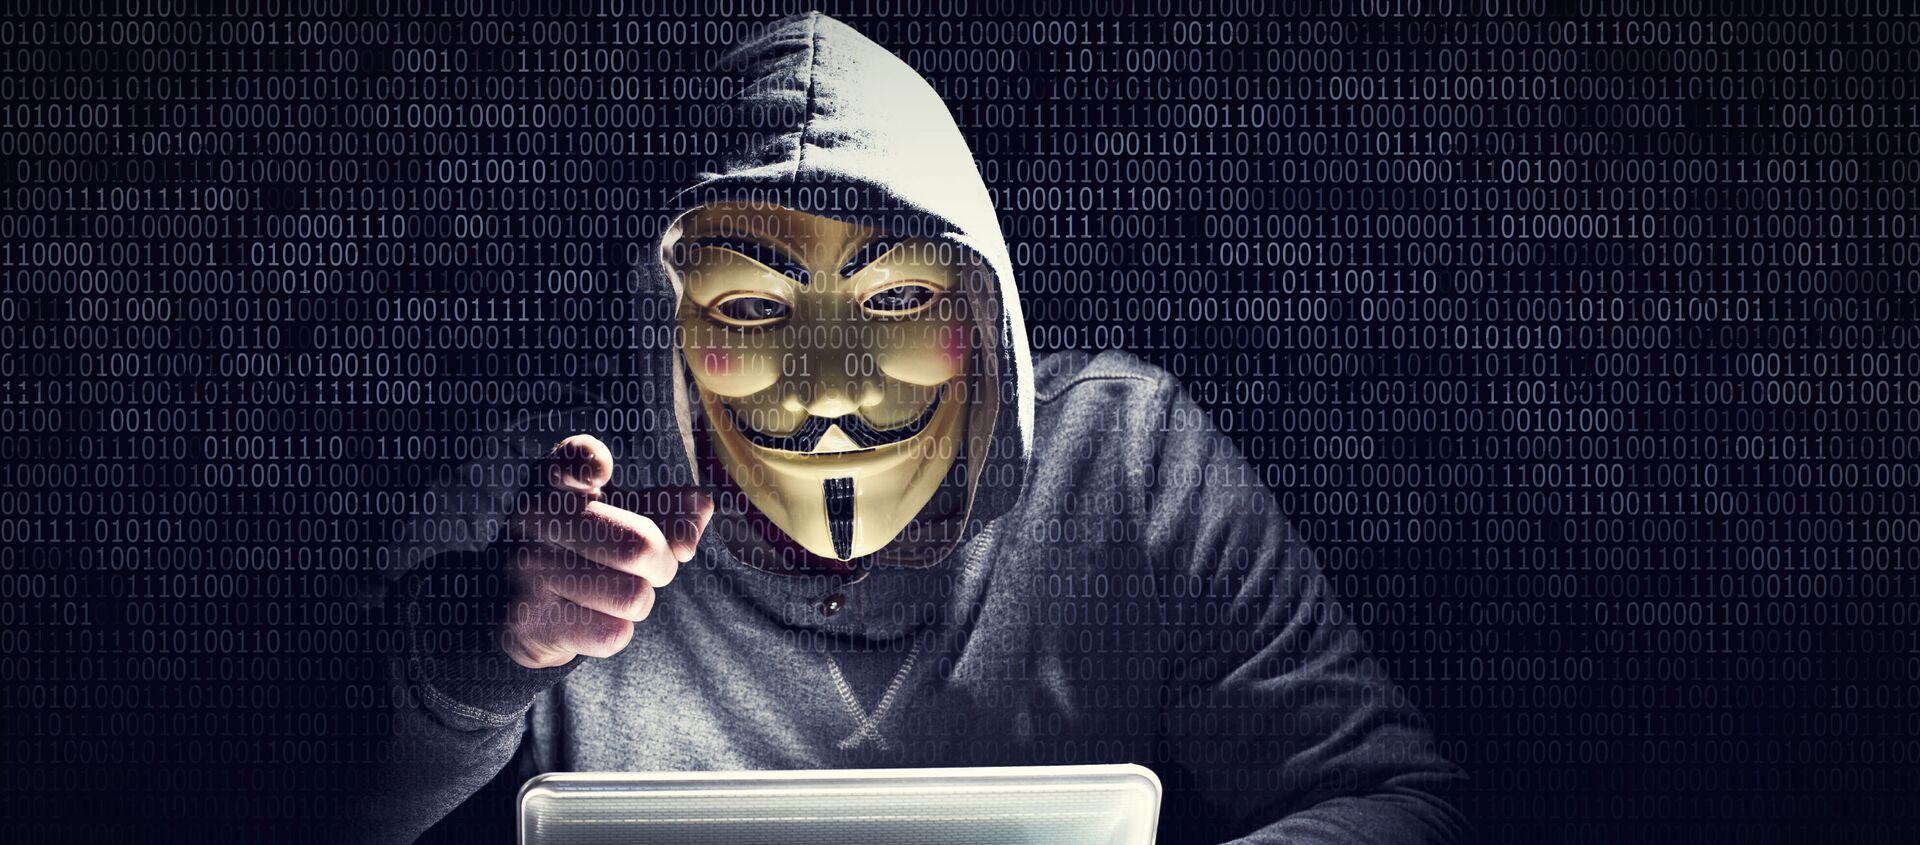 Указывающий на экран хакер в маске - Sputnik 日本, 1920, 07.12.2020